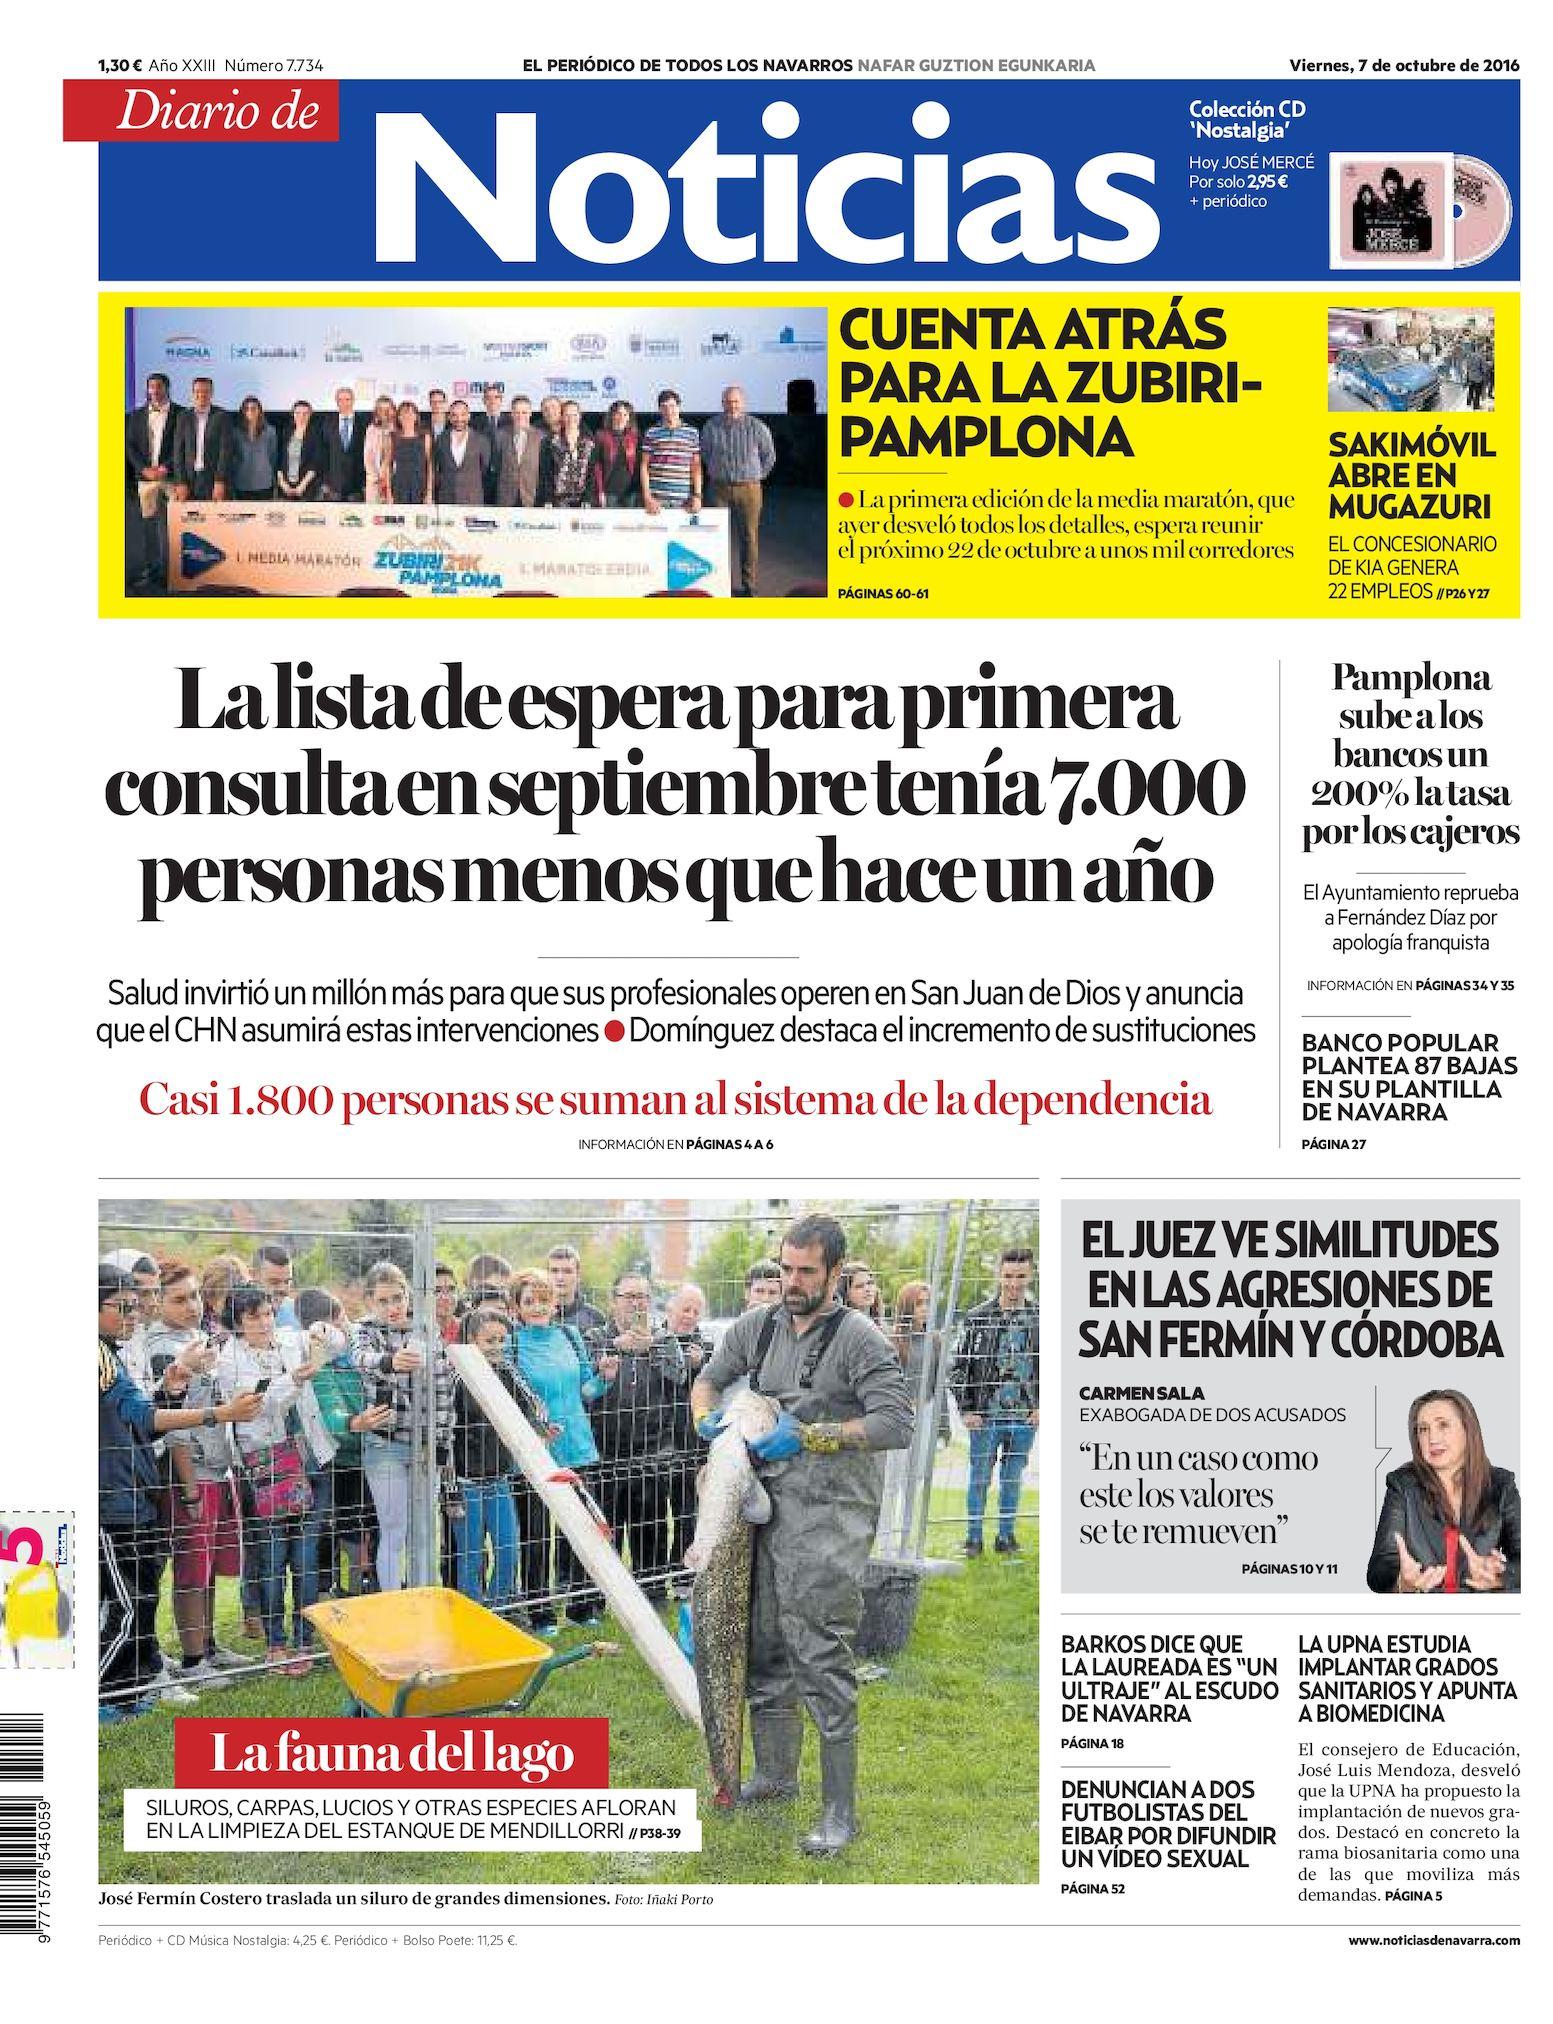 878c0745e53 Calaméo - Diario de Noticias 20161007